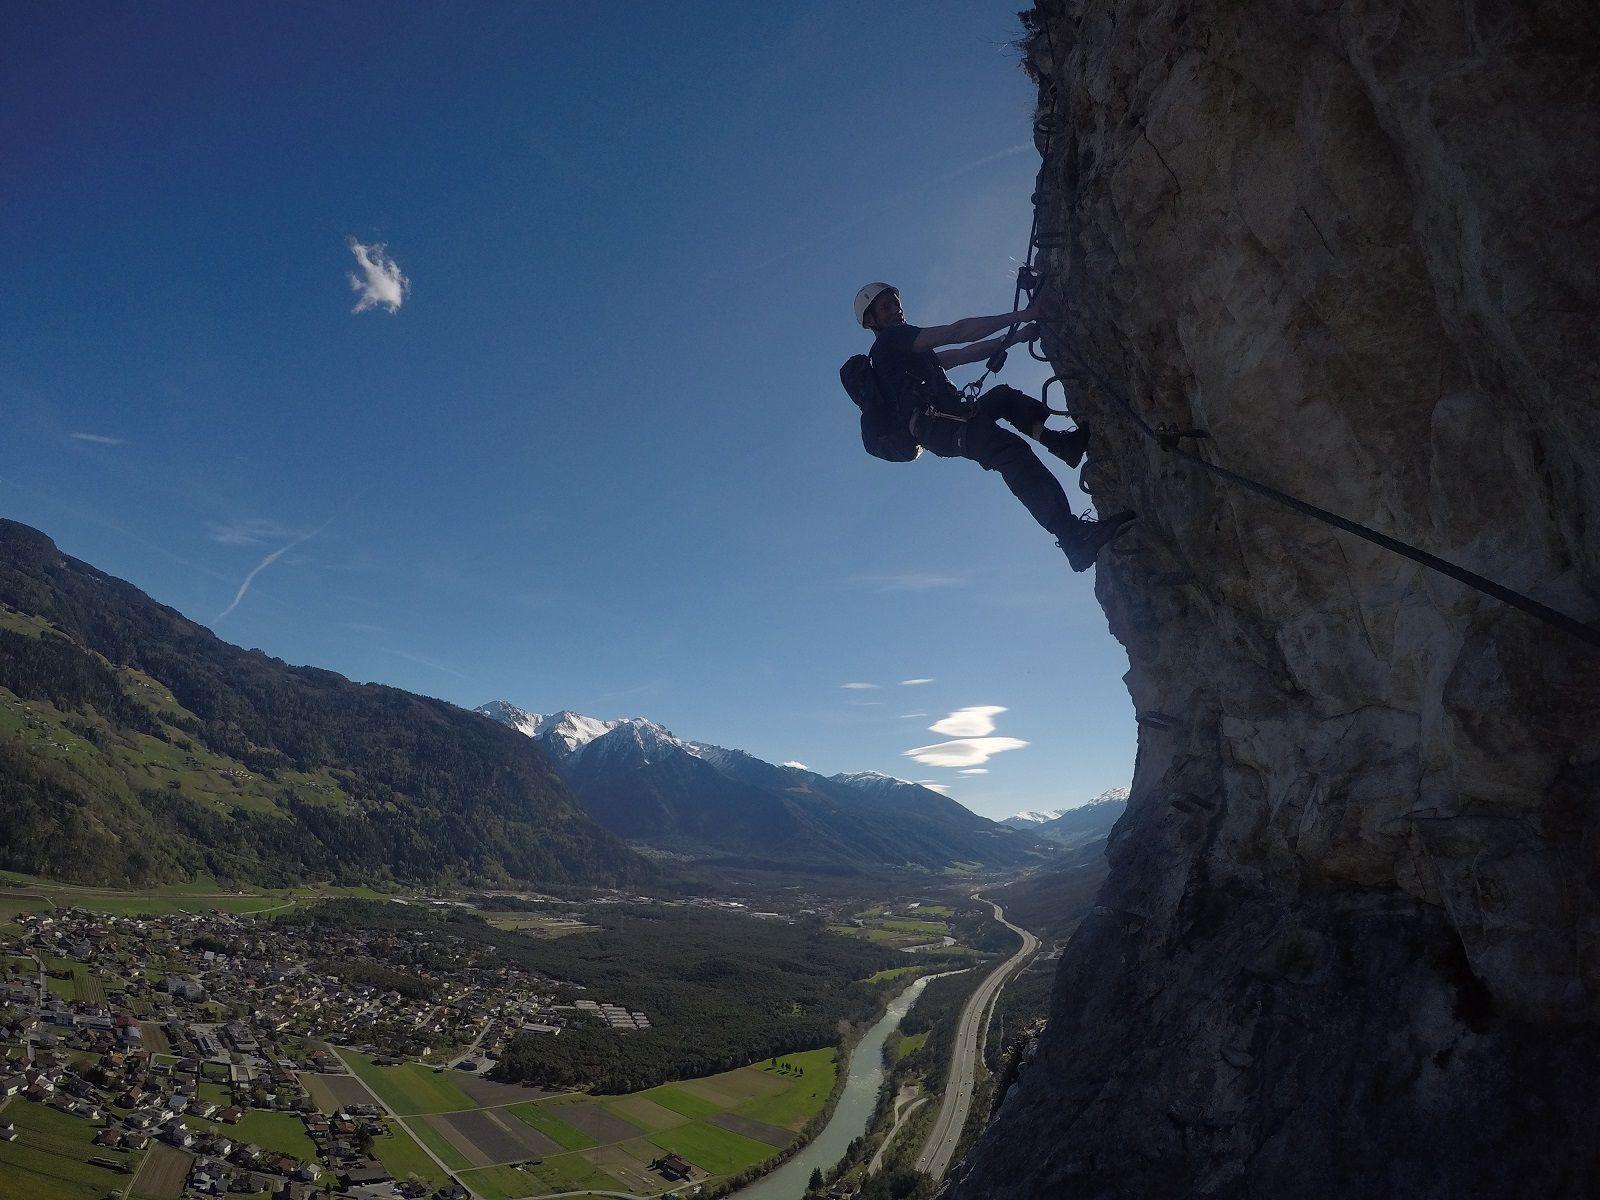 Klettersteig Geierwand : Klettersteig geierwand bei haiming pinterest